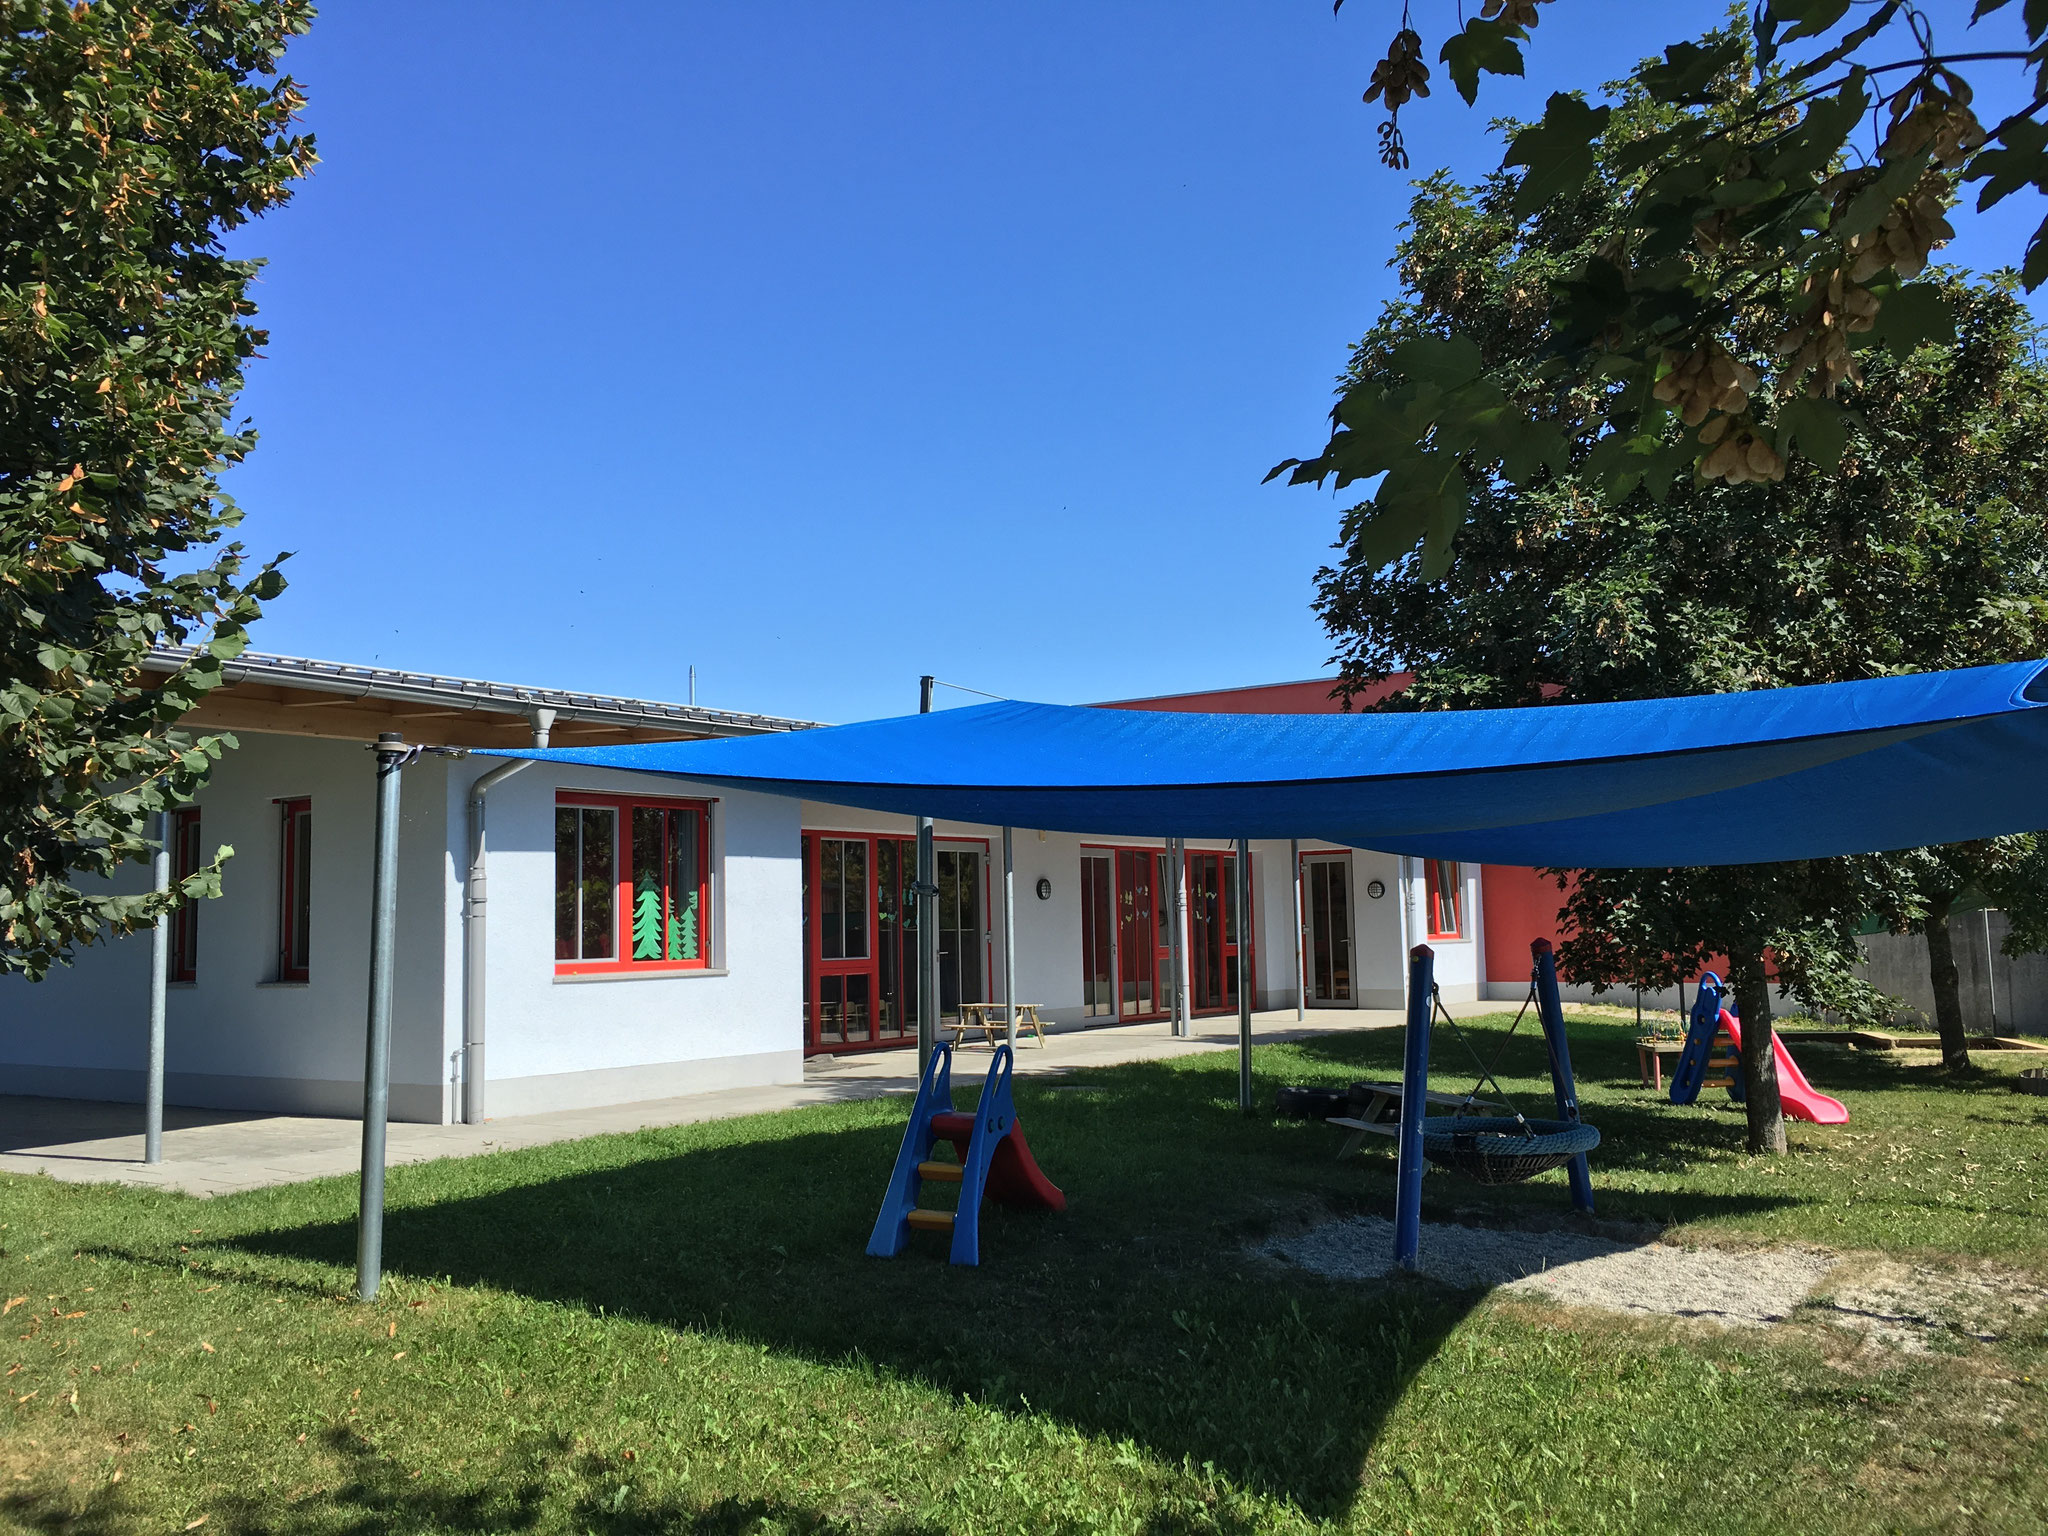 Errichtung 3-zügige Kingergrippe, Altdorf 2013